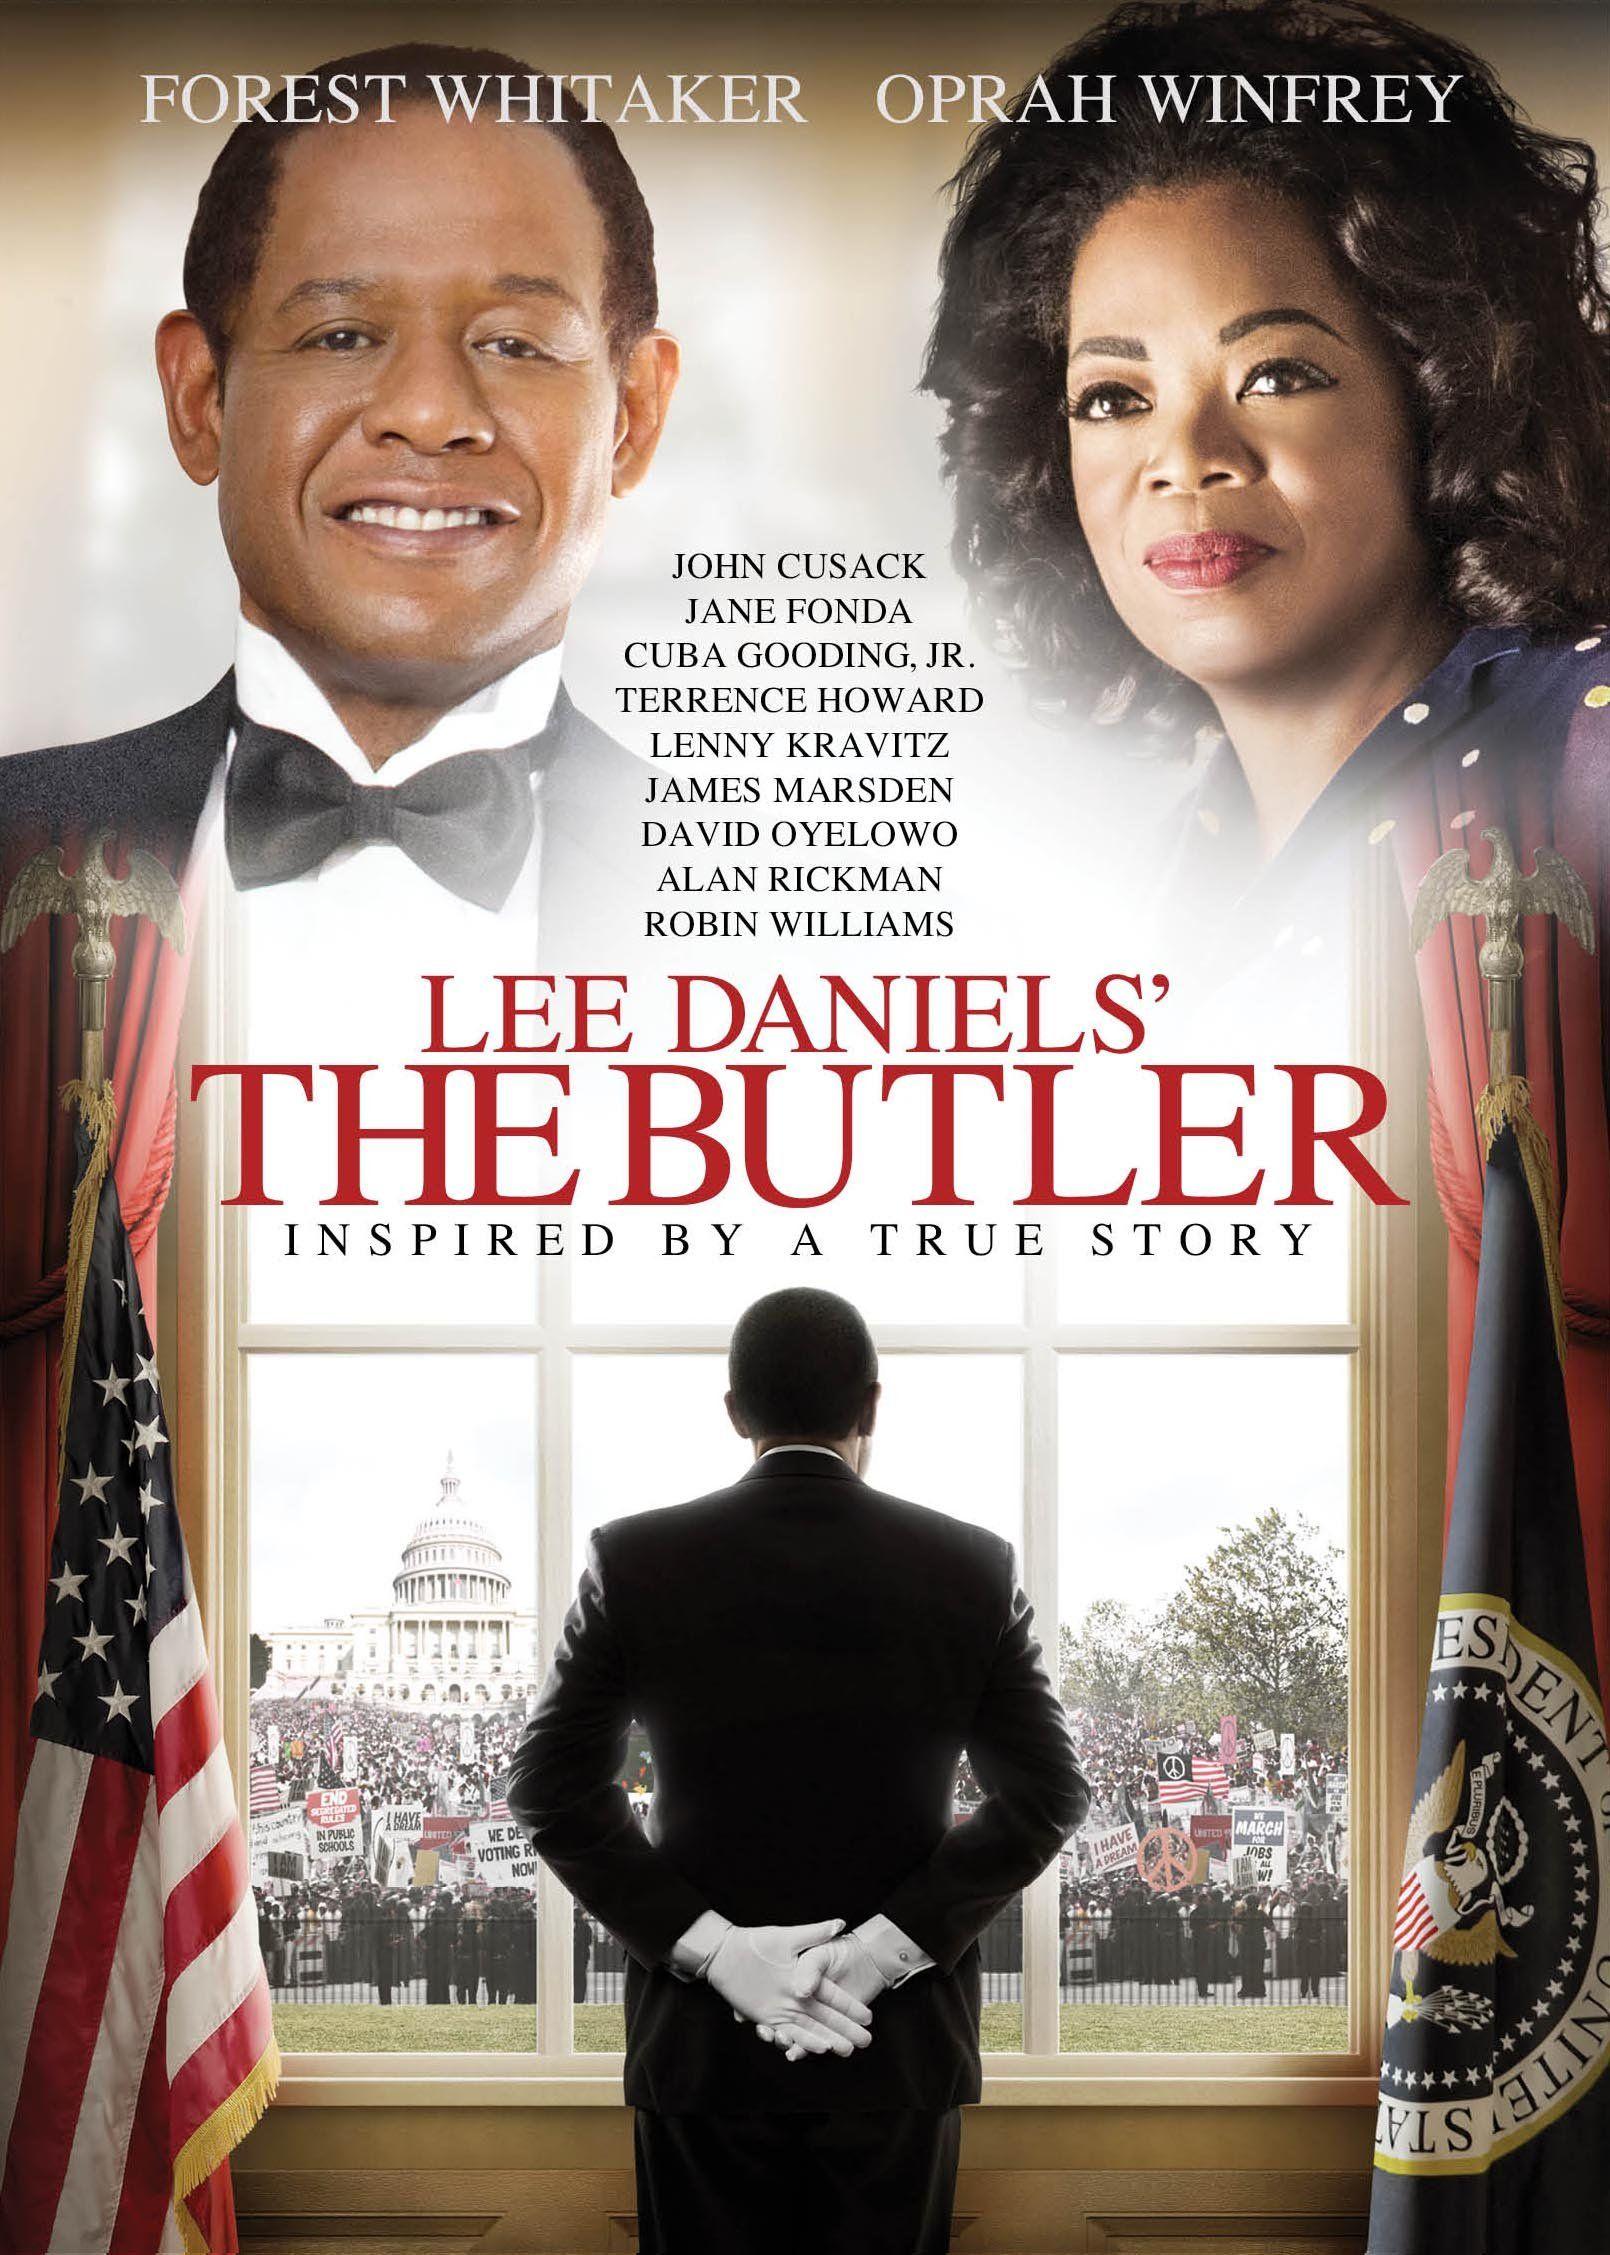 The Butler (2013) Drama, 'The Butler' vertelt het waargebeurde verhaal van Eugene Allen (Forest Whitaker), een kamerheer die meer dan drie decennia actief is geweest in het Witte Huis. Hij was in dienst van acht verschillende presidenten. Zijn carrière begon in 1952 toen Harry Truman de regerende president was en eindigde uiteindelijk in 1986, ten tijde dat Ronald Reagan president van Amerika was.